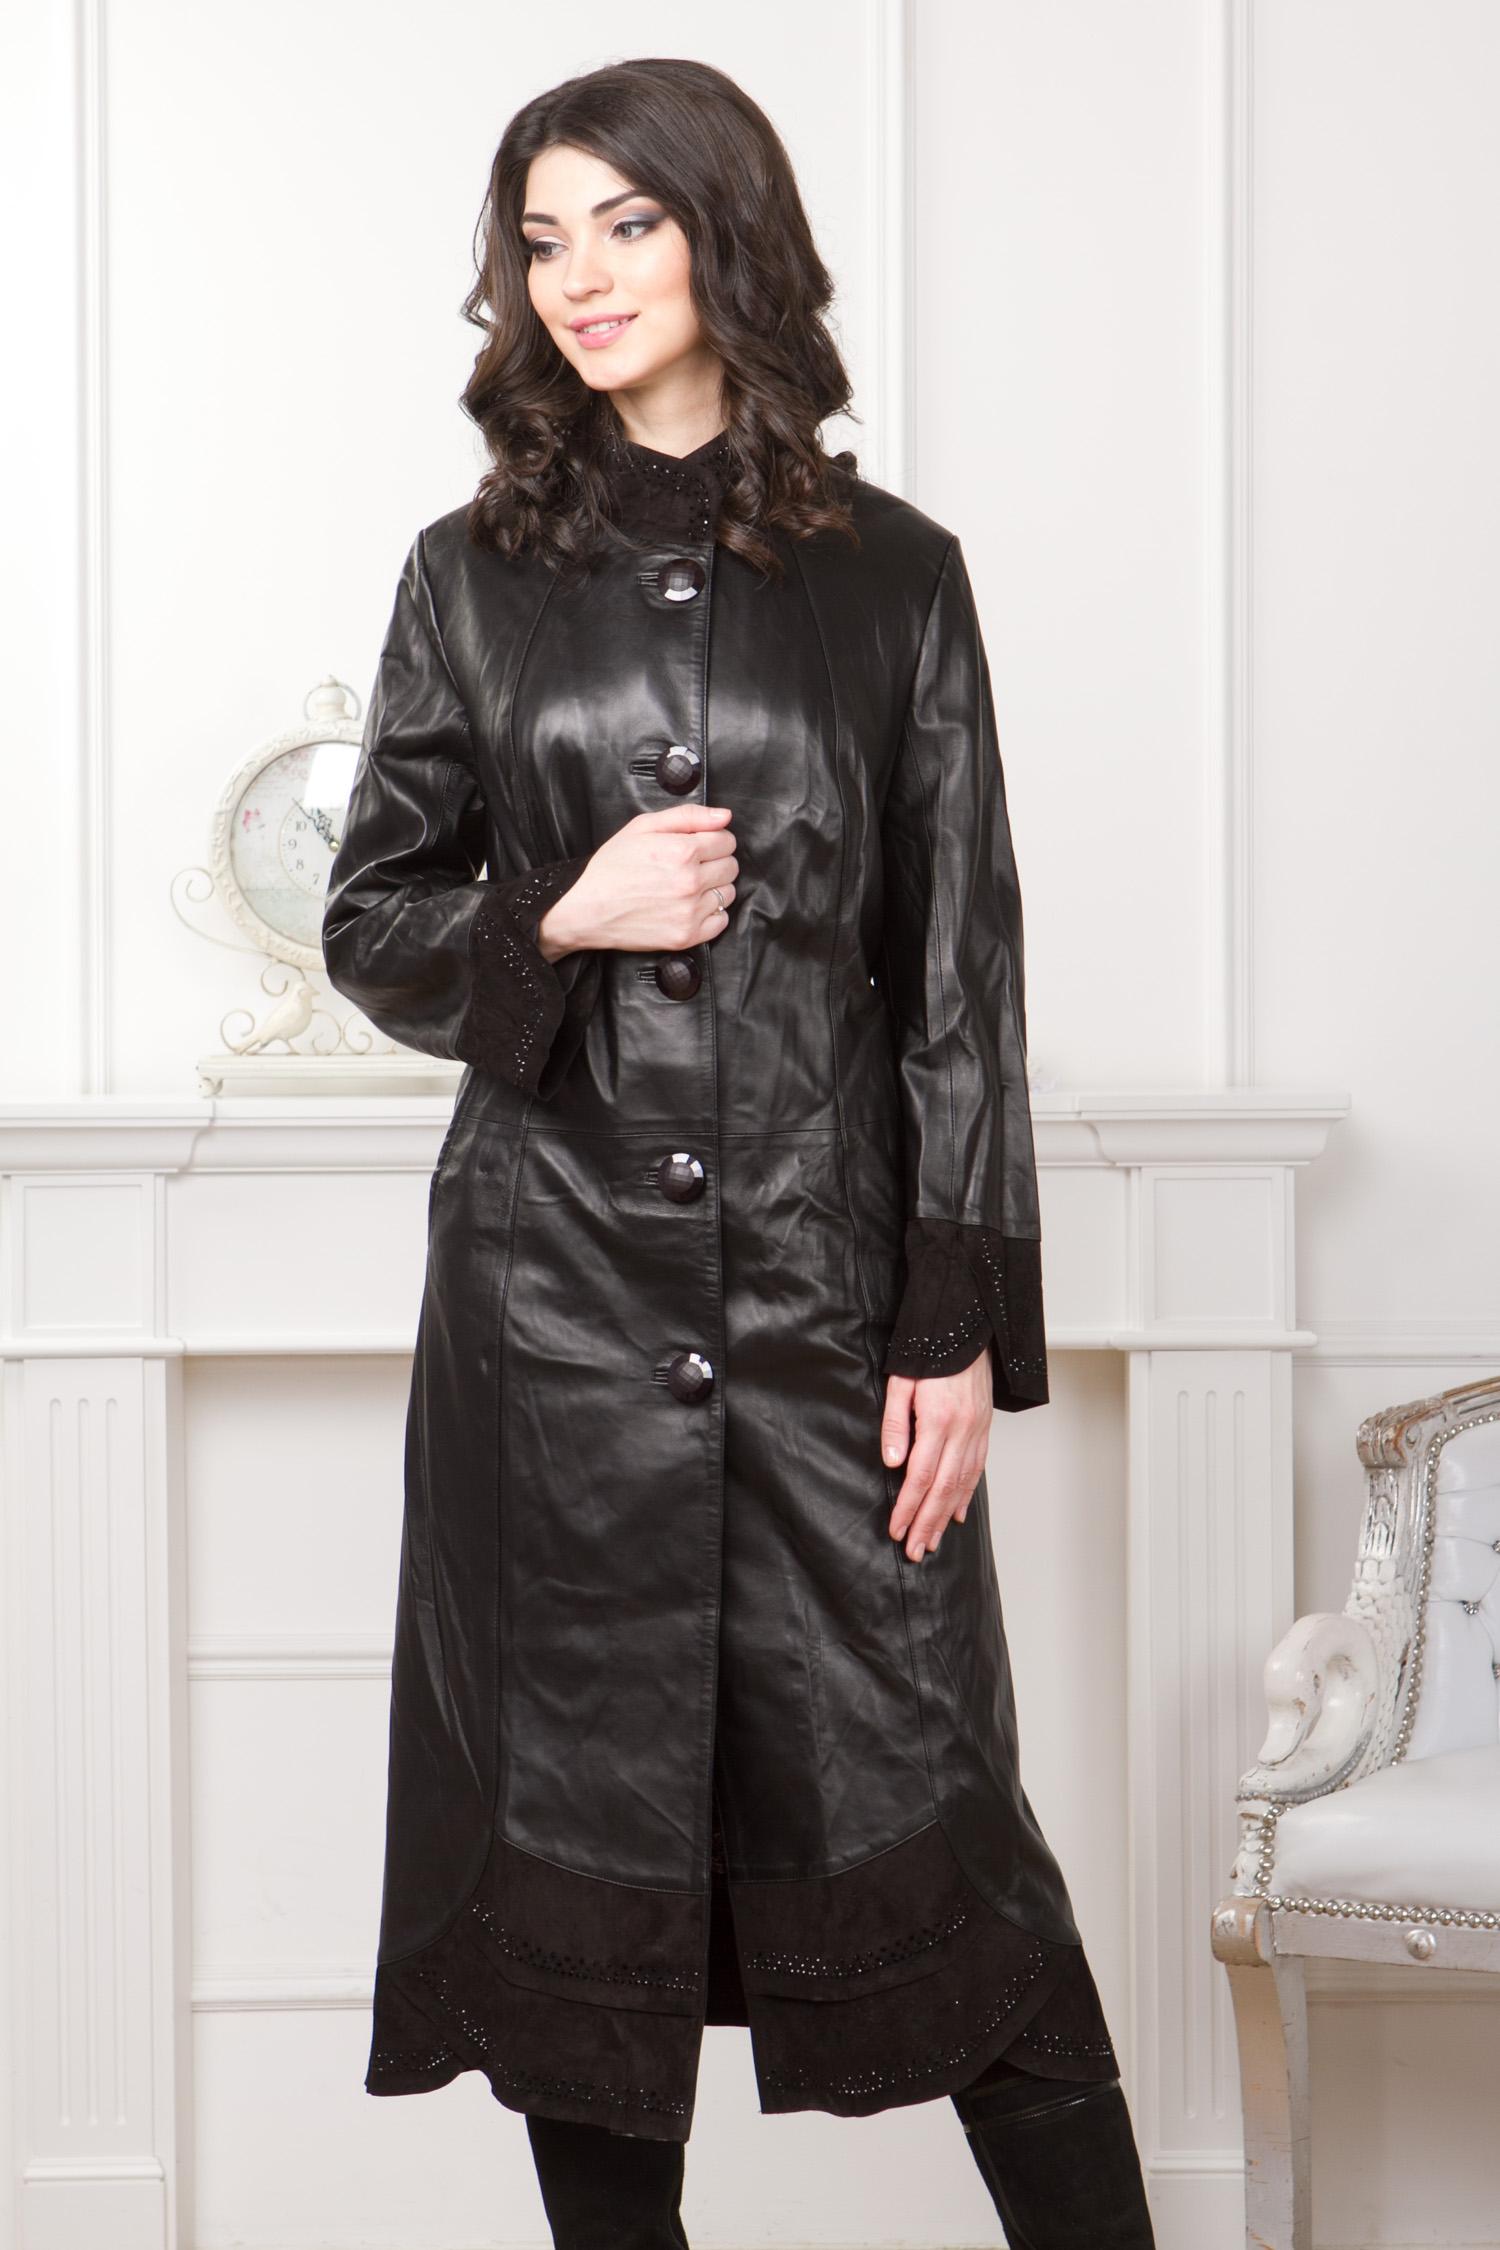 Женское кожаное пальто из натуральной кожи с воротником, отделка замша Женское кожаное пальто из натуральной кожи с воротником, отделка замша